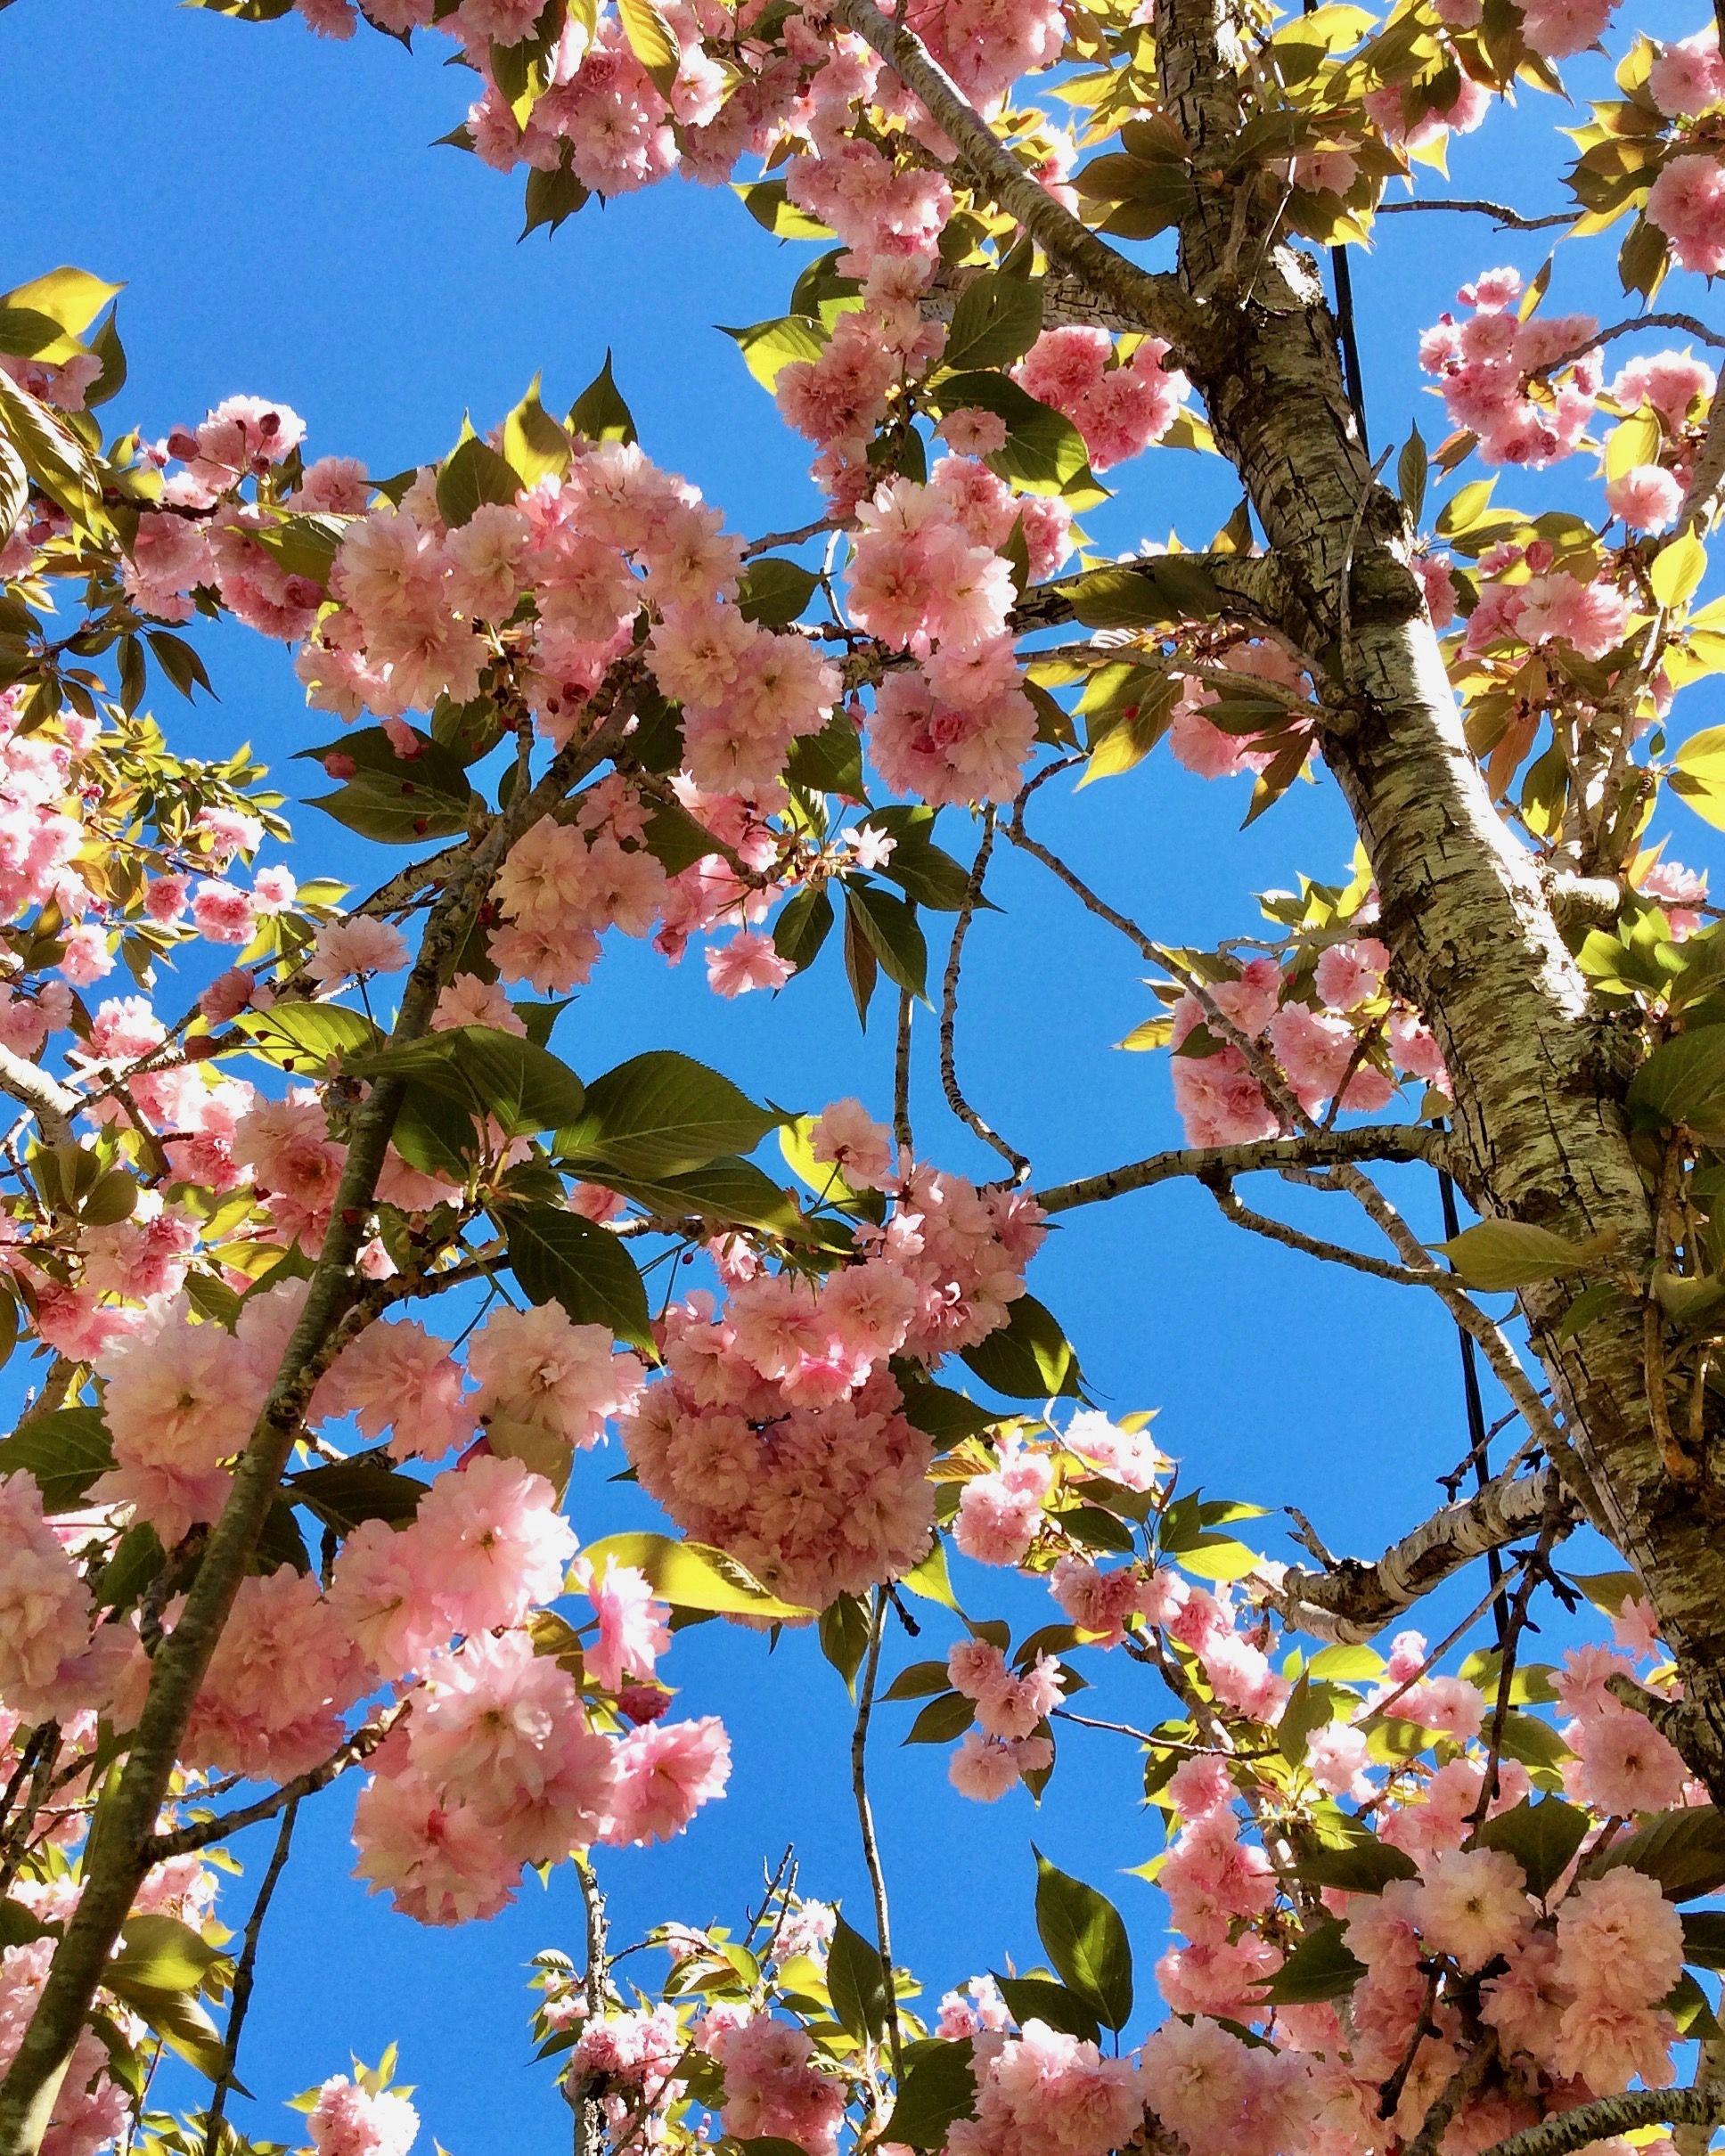 Cherry Blossom Adelaide Hills Australia Blossom Spring Flowers Instagram